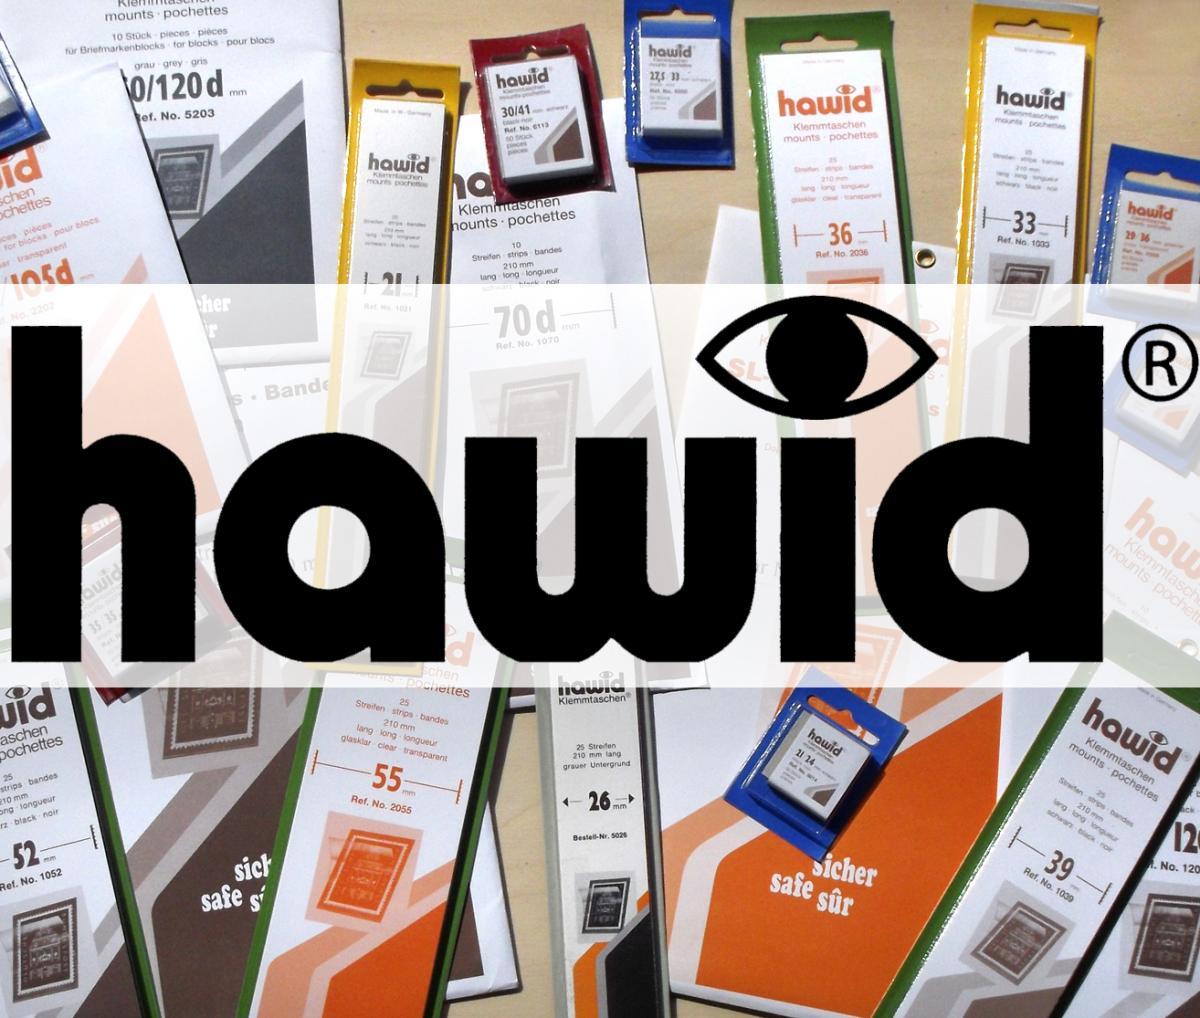 HAWID SL-Streifen 265x110 mm, schwarz, 8 Stück, d*